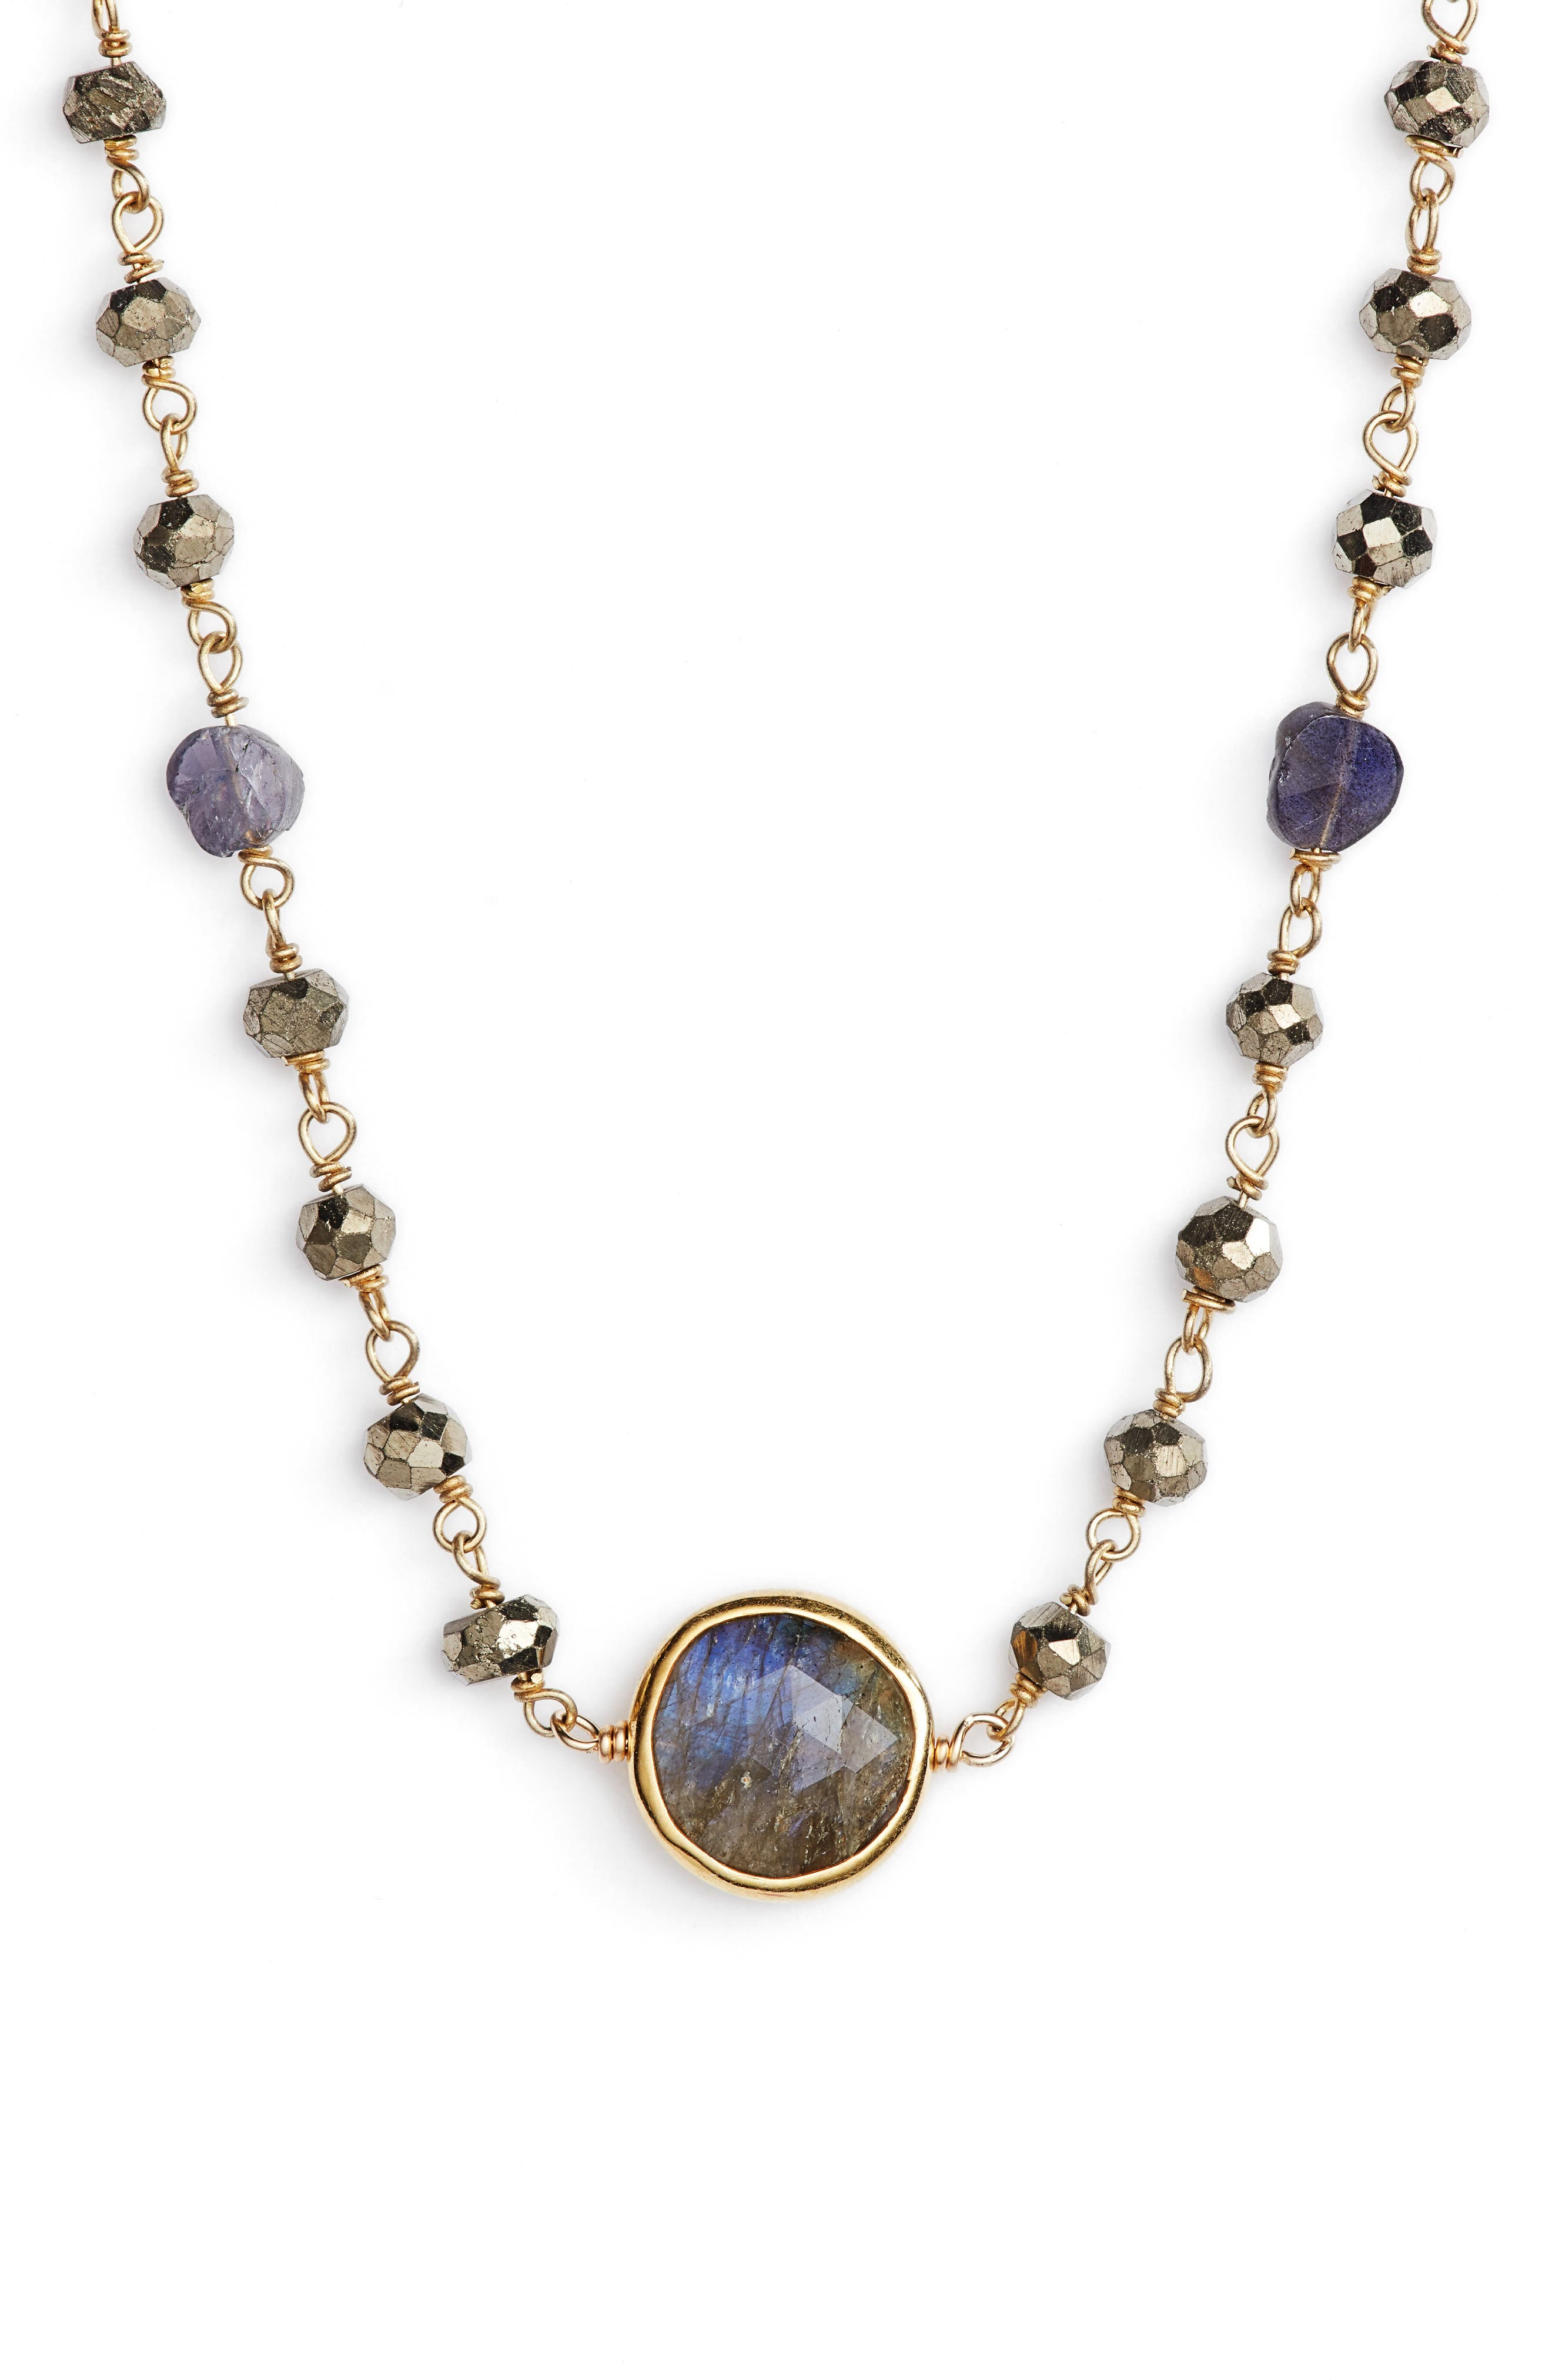 Semiprecious Stone Collar Necklace,                             Main thumbnail 1, color,                             Pyrite/ Labradorite